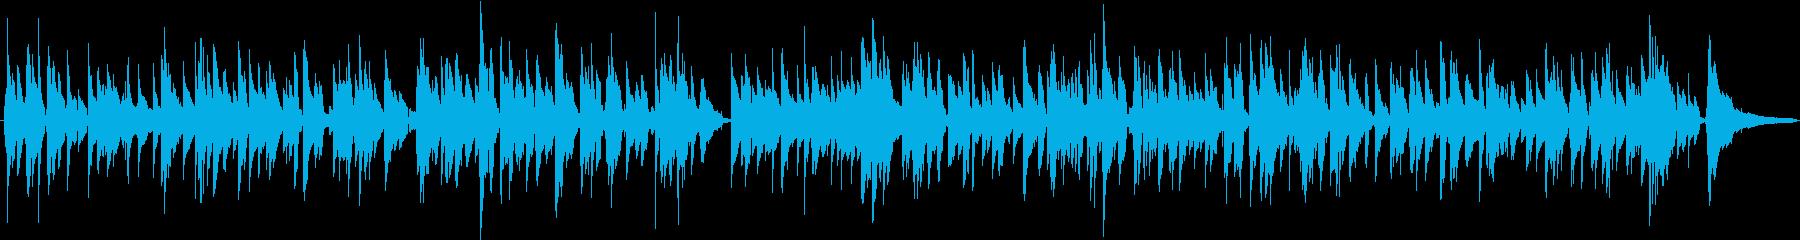 ゆったりリラックスなアコギの曲の再生済みの波形